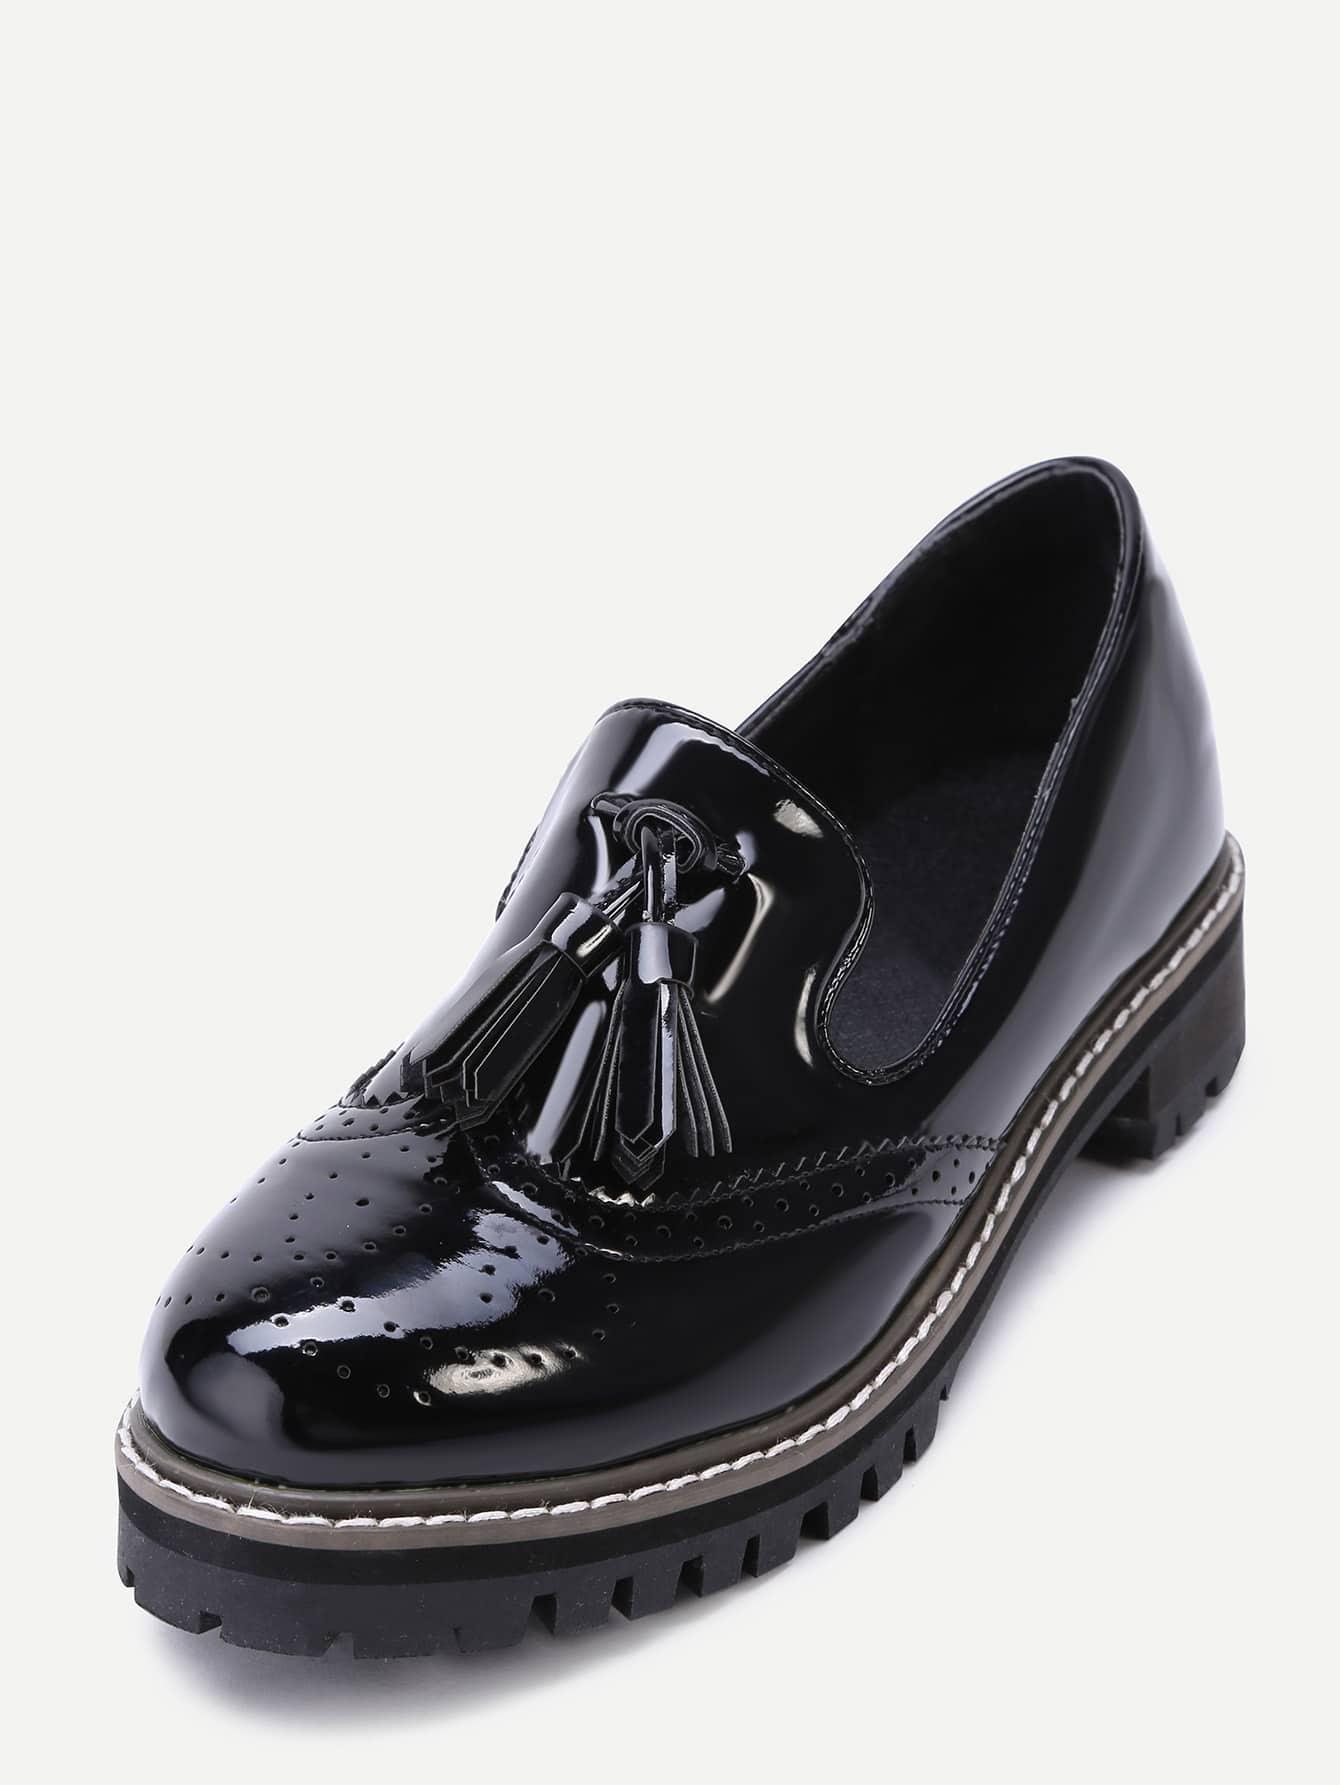 shoes160914811_2